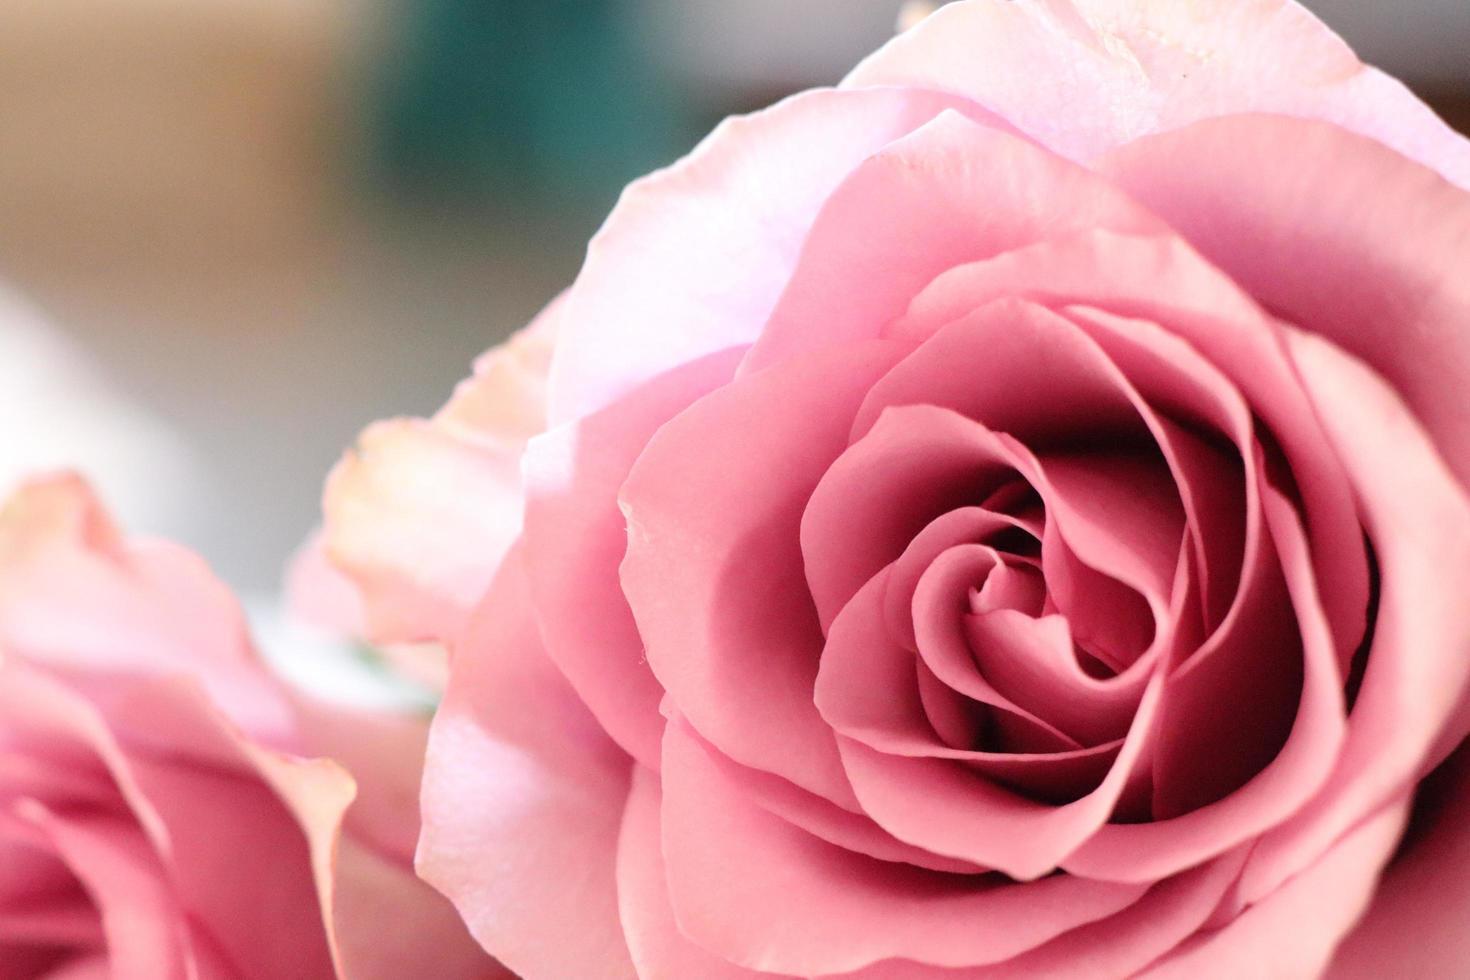 rosa rosa da vicino foto